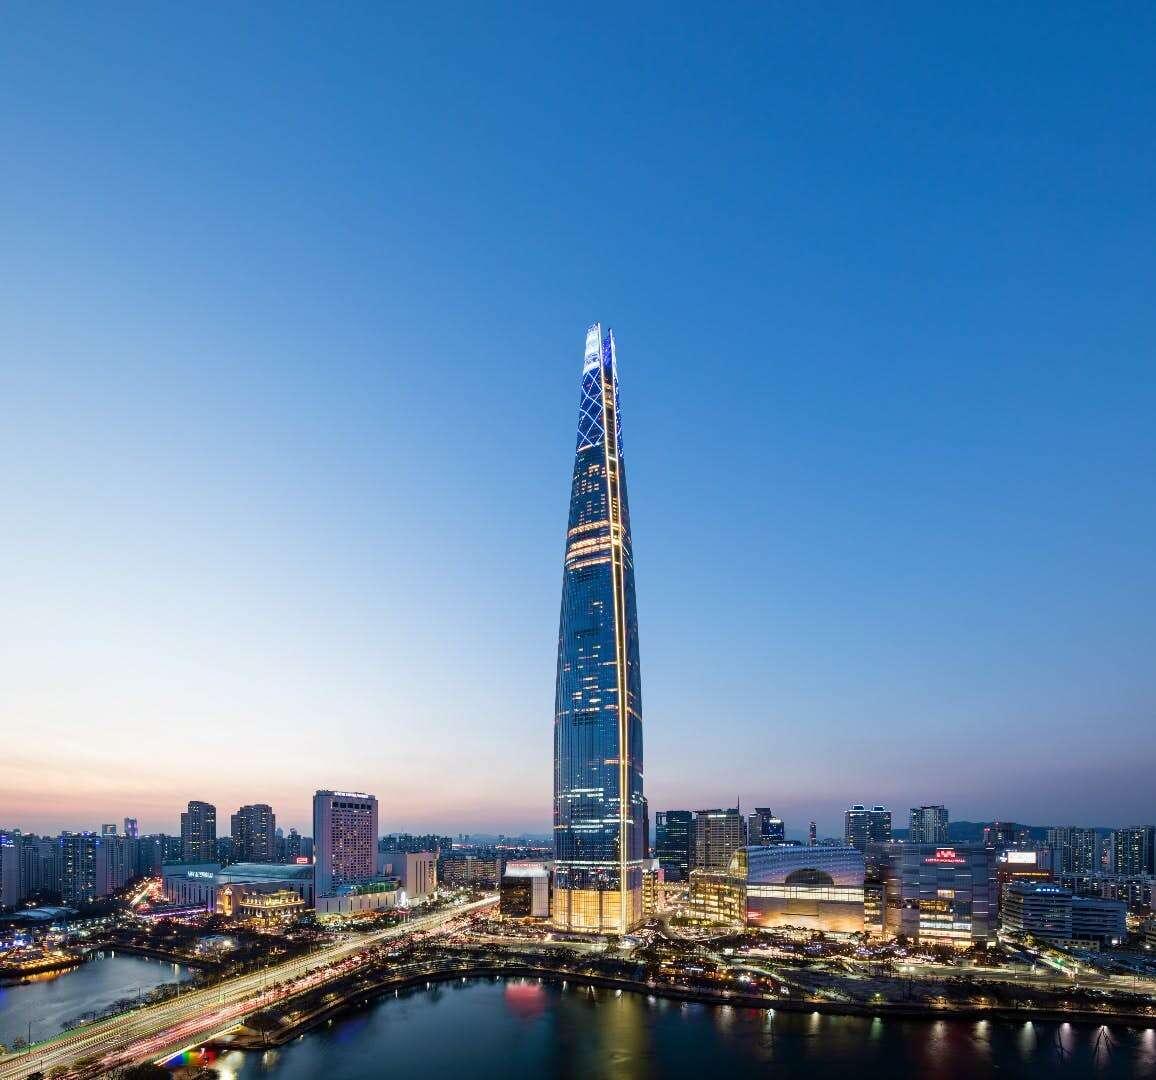 wieżowiec, najlepszy wieżowiec, wieżowiec 2018 roku, wieżowiec Lotte World Tower